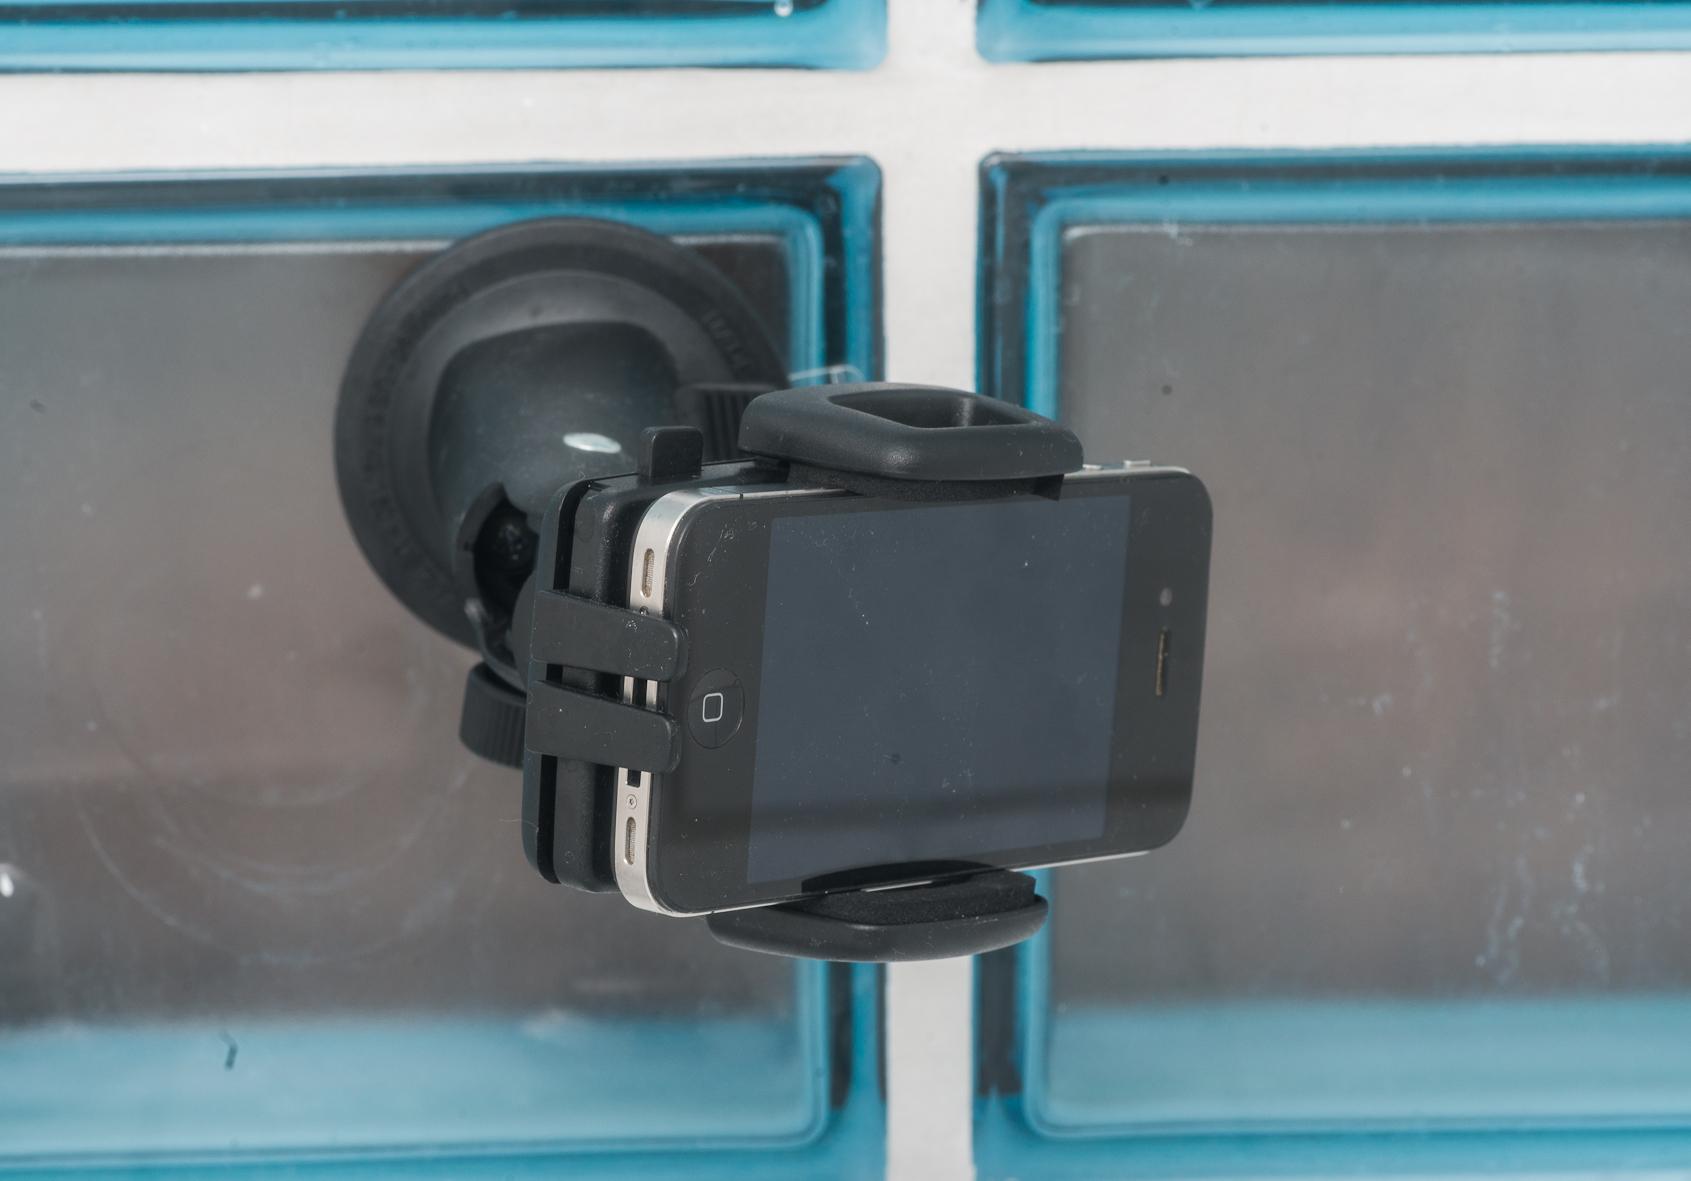 Smartphone KFZ Halterung im Badezimmer